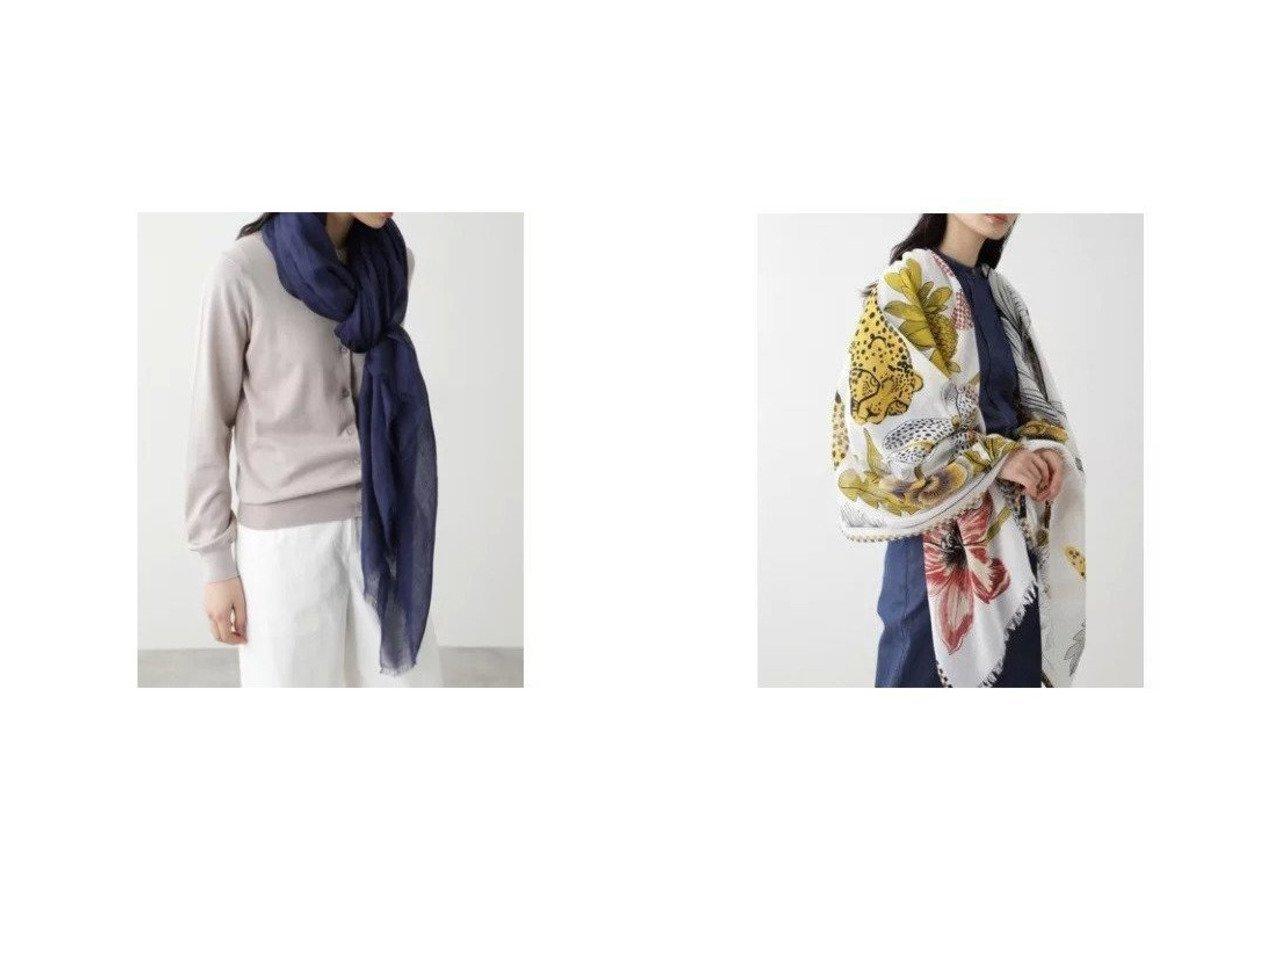 【HUMAN WOMAN/ヒューマンウーマン】のオリジナルリネンストール&INOUITOOSHストール おすすめ!人気、トレンド・レディースファッションの通販 おすすめで人気の流行・トレンド、ファッションの通販商品 メンズファッション・キッズファッション・インテリア・家具・レディースファッション・服の通販 founy(ファニー) https://founy.com/ ファッション Fashion レディースファッション WOMEN ストール Scarves マフラー Mufflers インド スカーフ ストール フランス プリント マフラー S/S・春夏 SS・Spring/Summer 春 Spring |ID:crp329100000029519